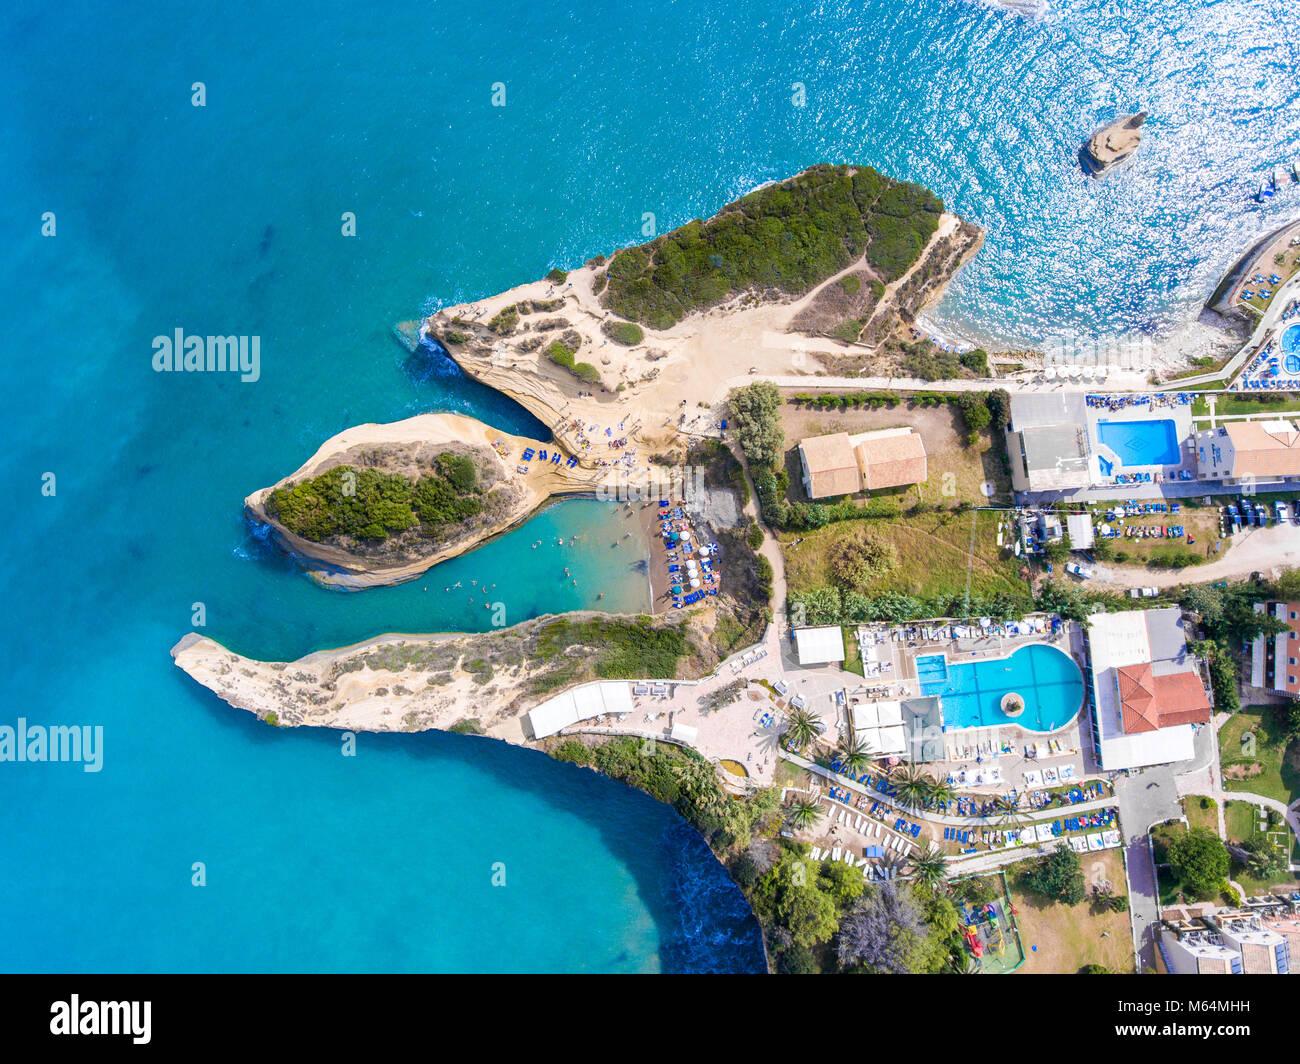 Canal D'Amour beach in Sidari, Corfu island, Greece. People bathing in the sun. Turqoise water. Stock Photo